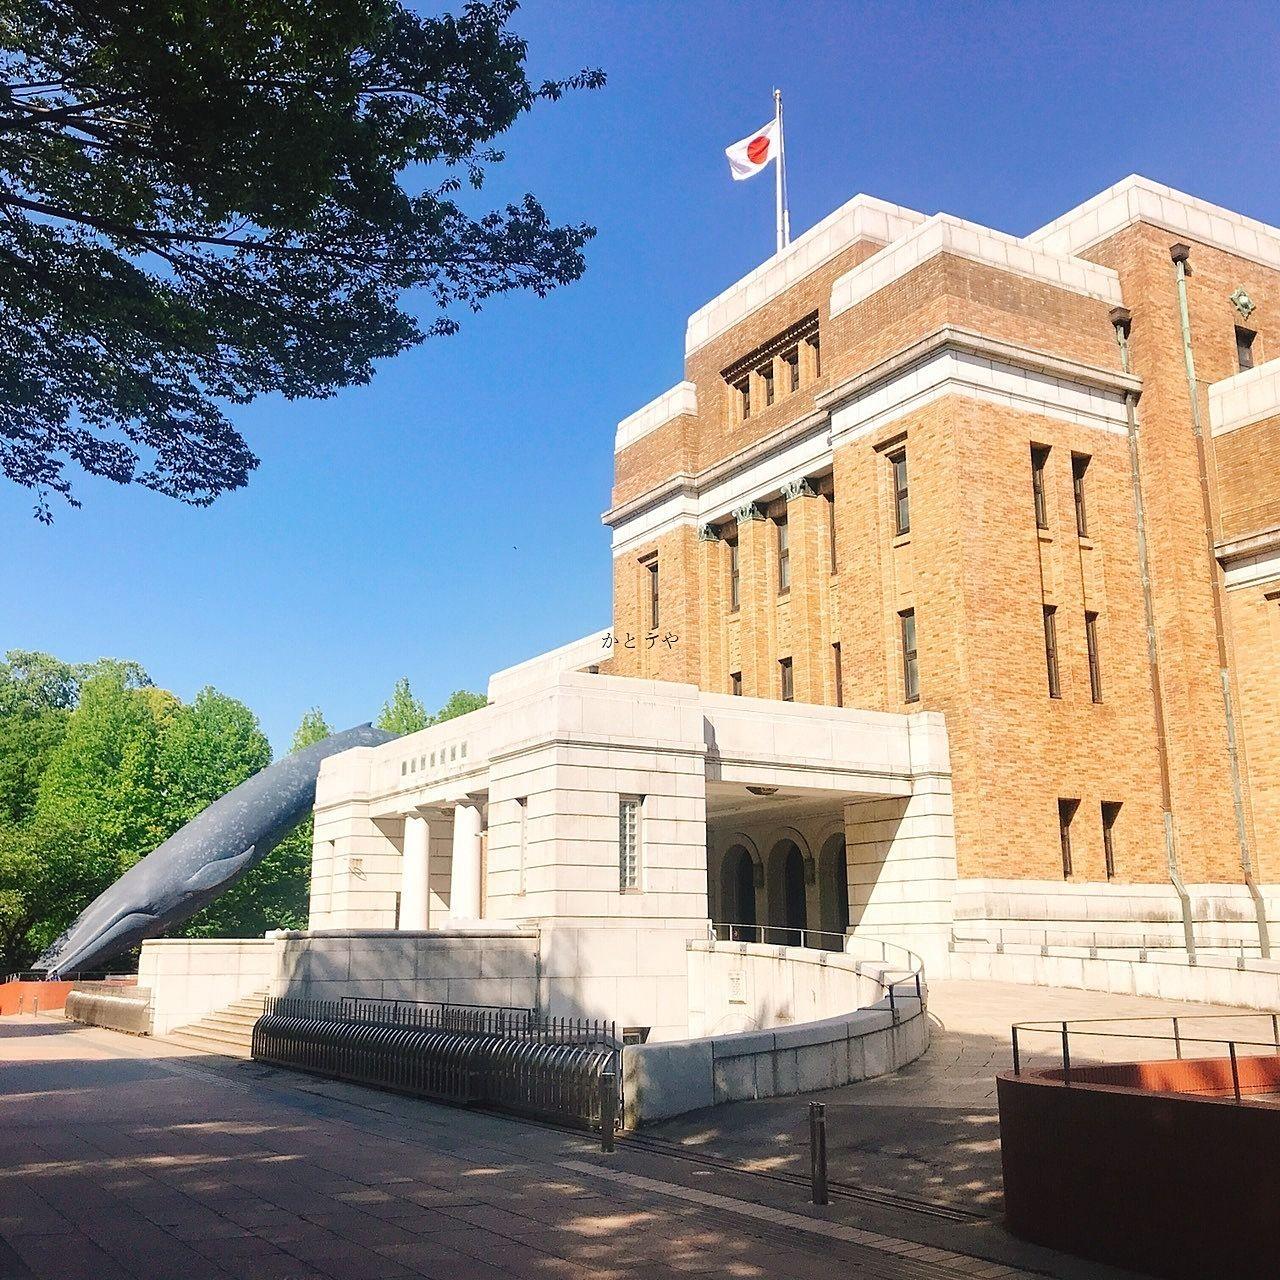 上野 国立科学博物館 国立博物館 トーハク W博物館